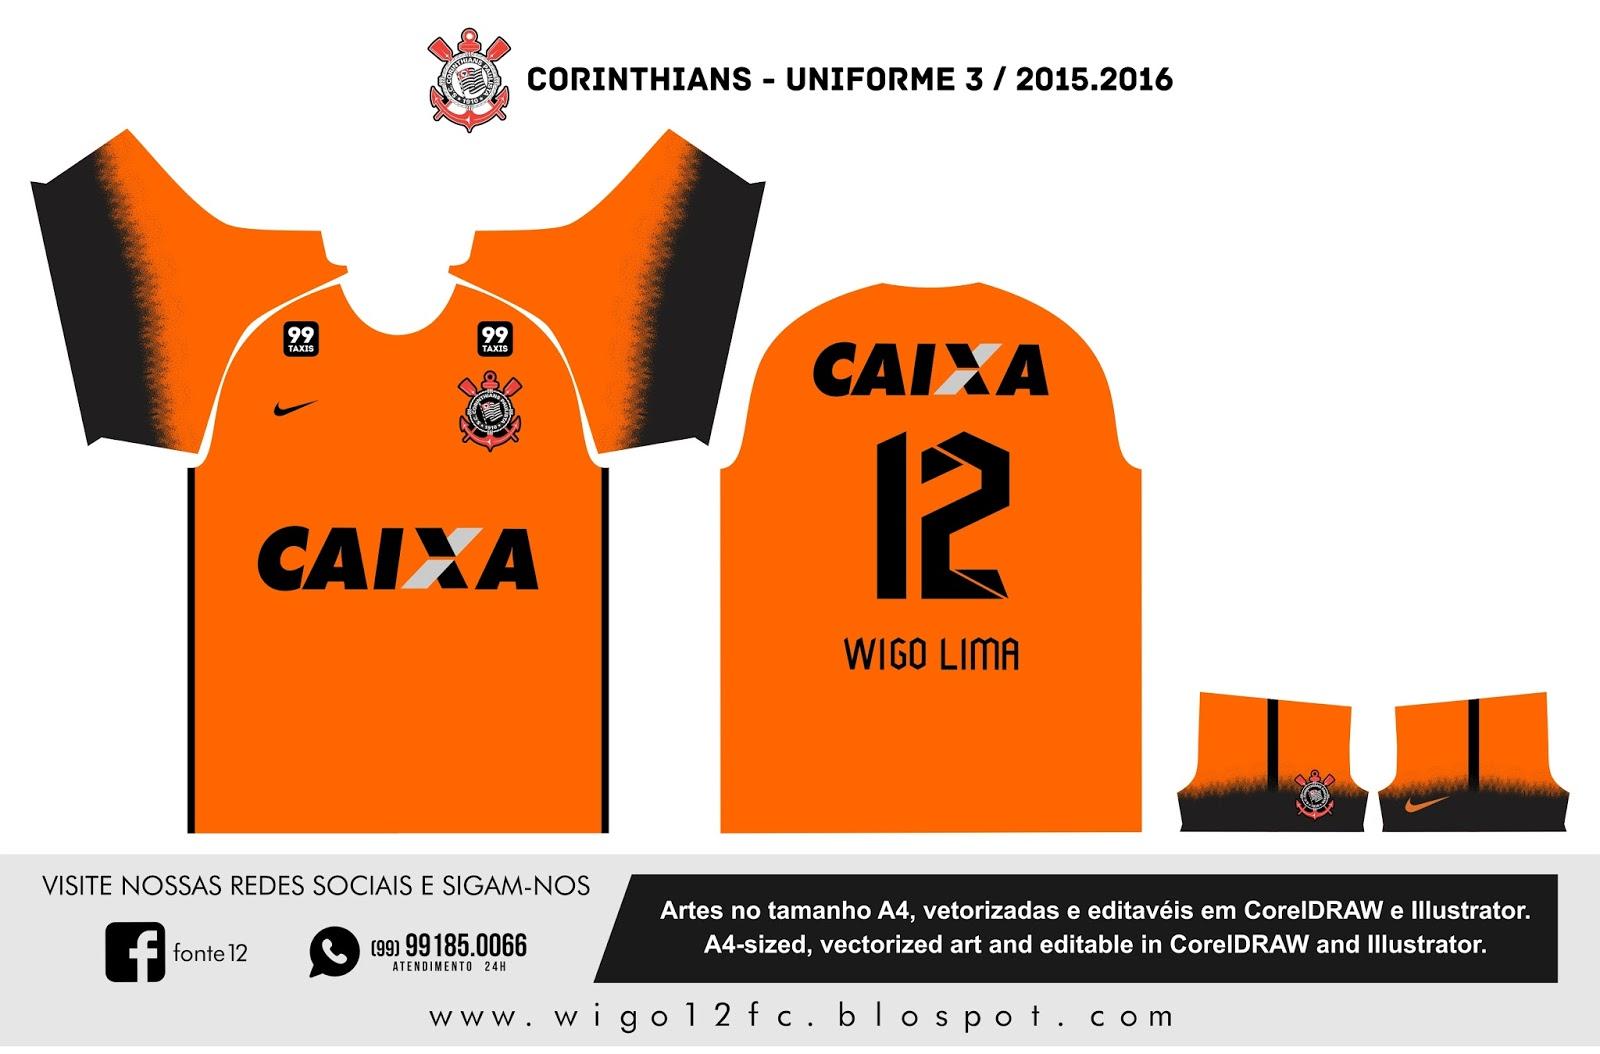 cb4e01ea00 Fontes Camisas de Futebol  Uniforme Corinthians 2015-2016